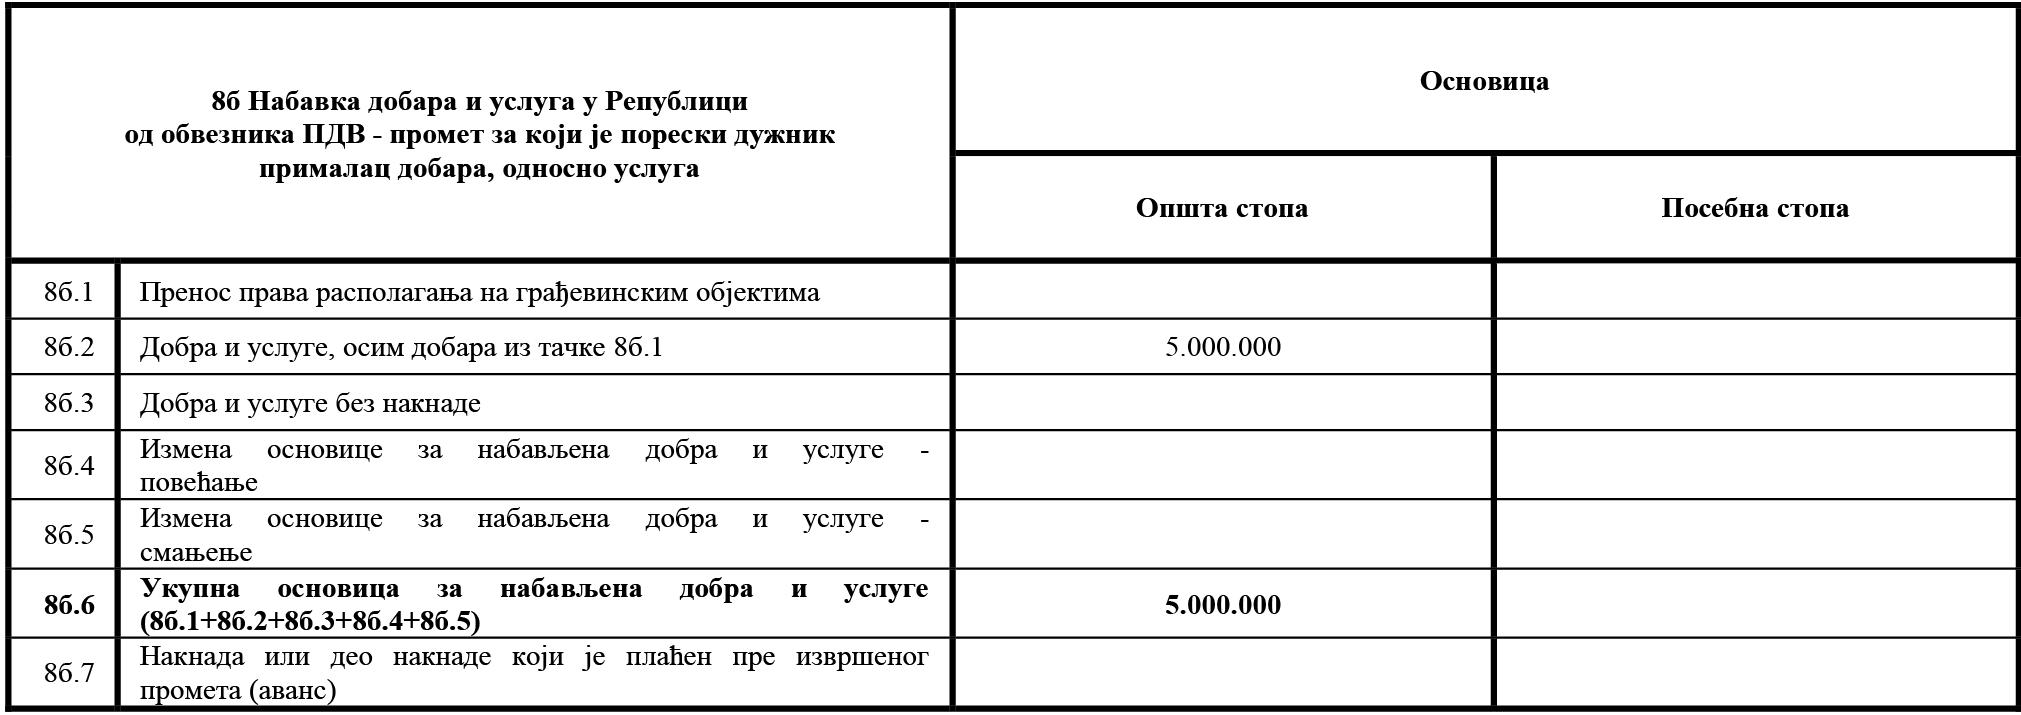 uputstvo PU obrazac POPDV primer 98